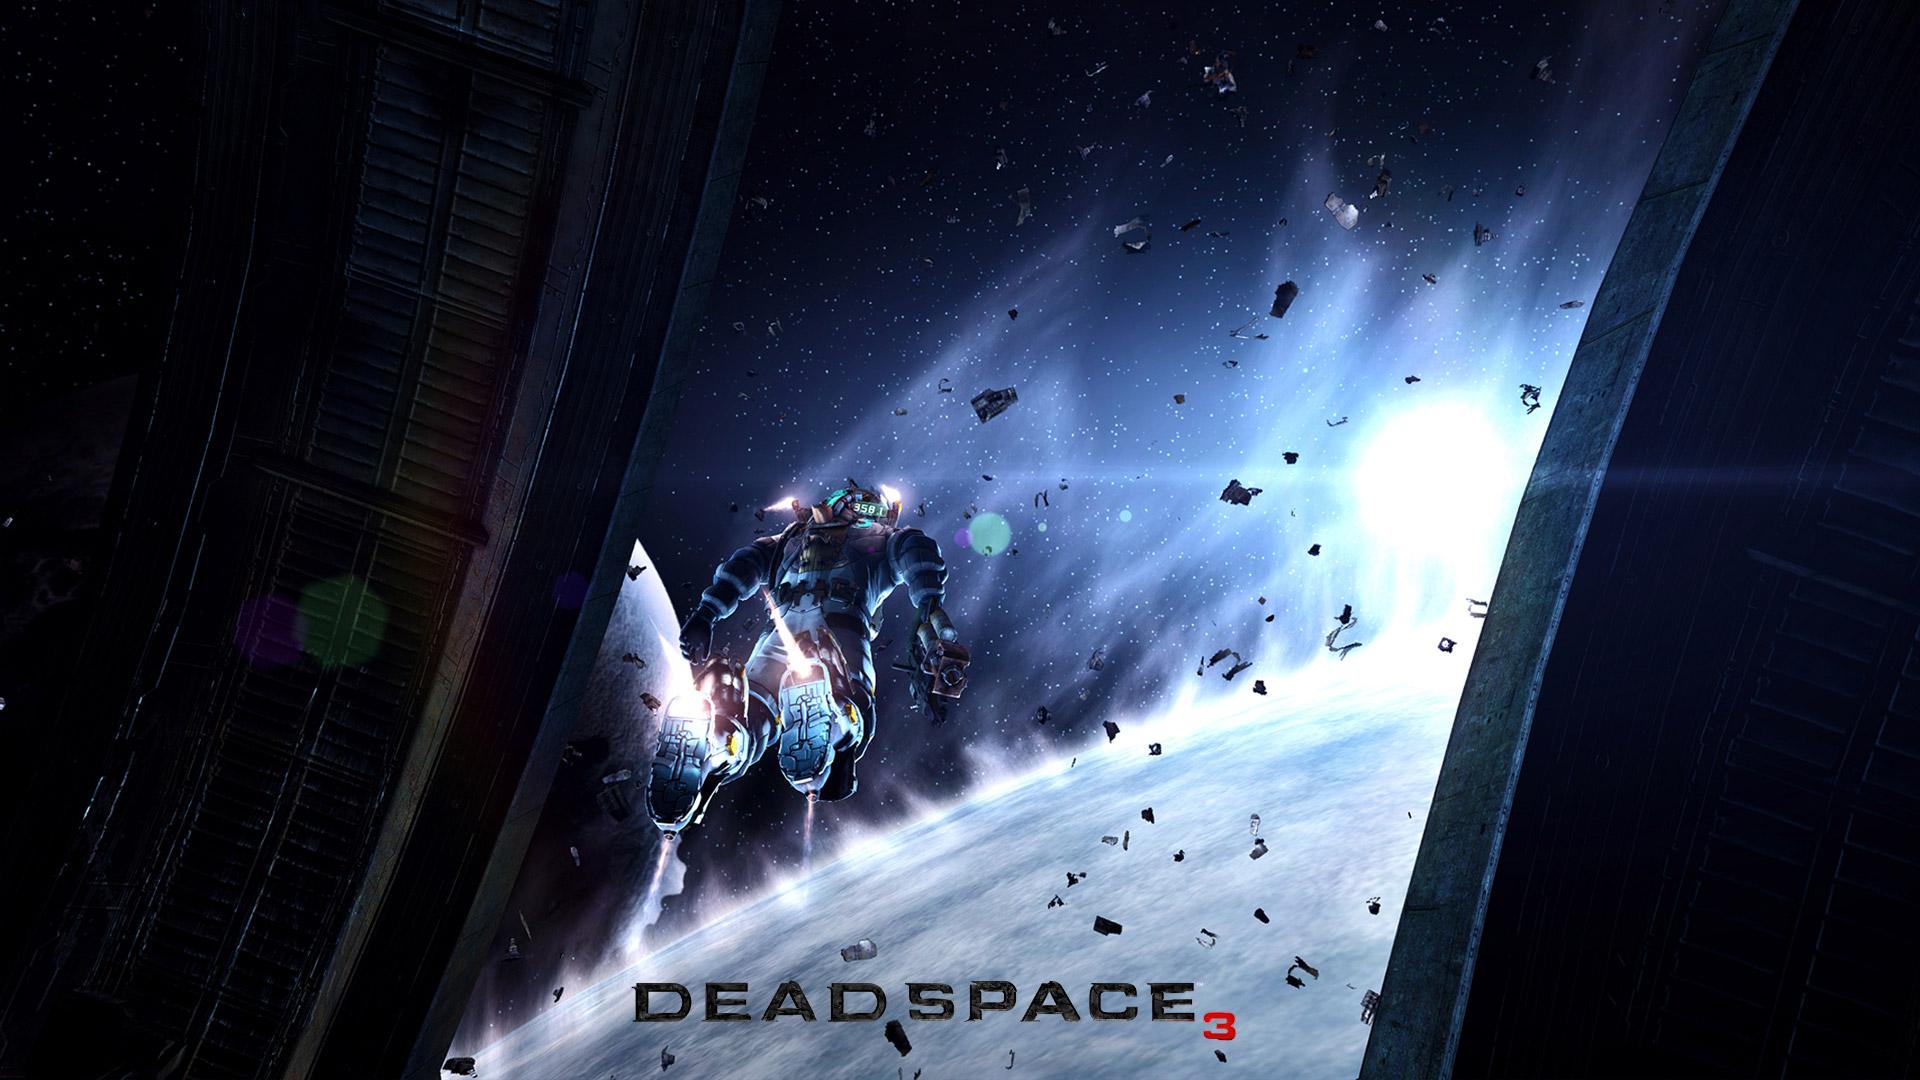 Dead Space 3 Wallpaper in 1920x1080